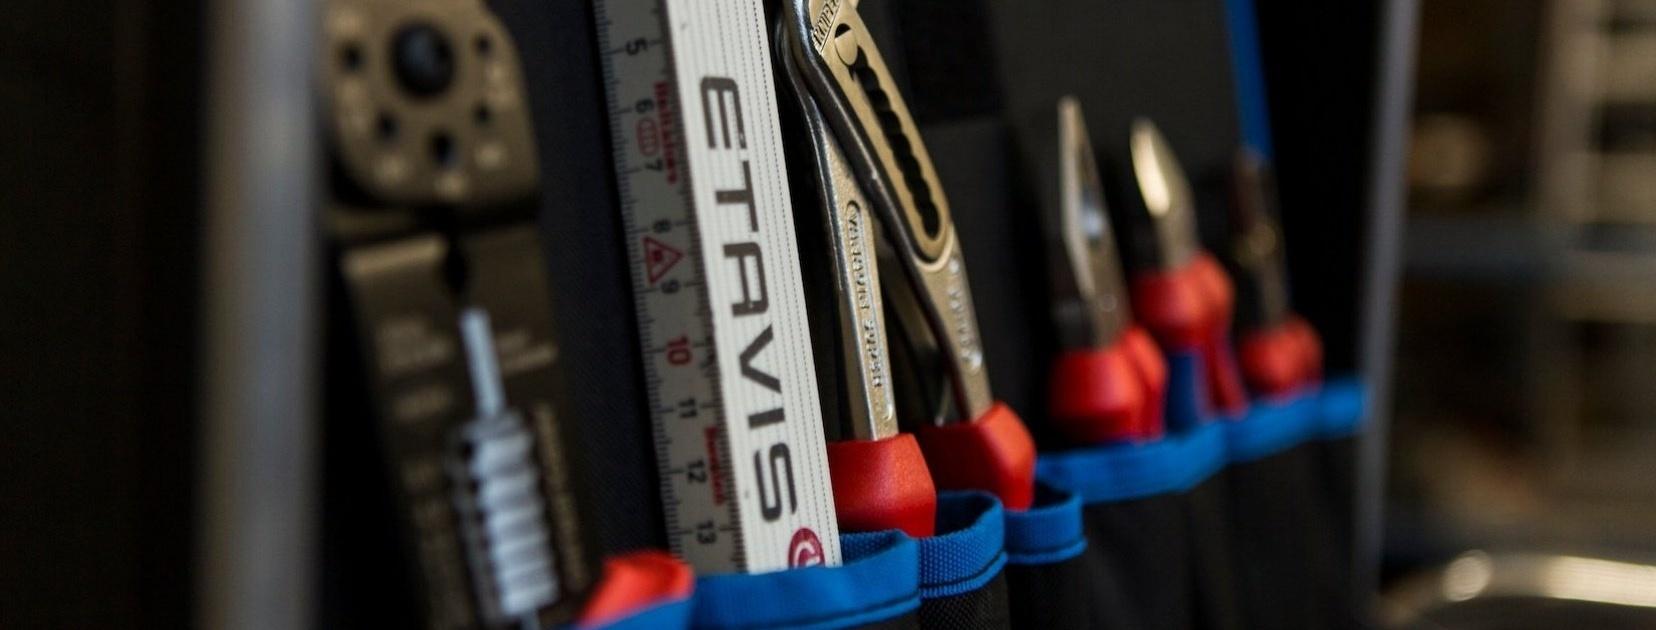 ETAVIS.jpg